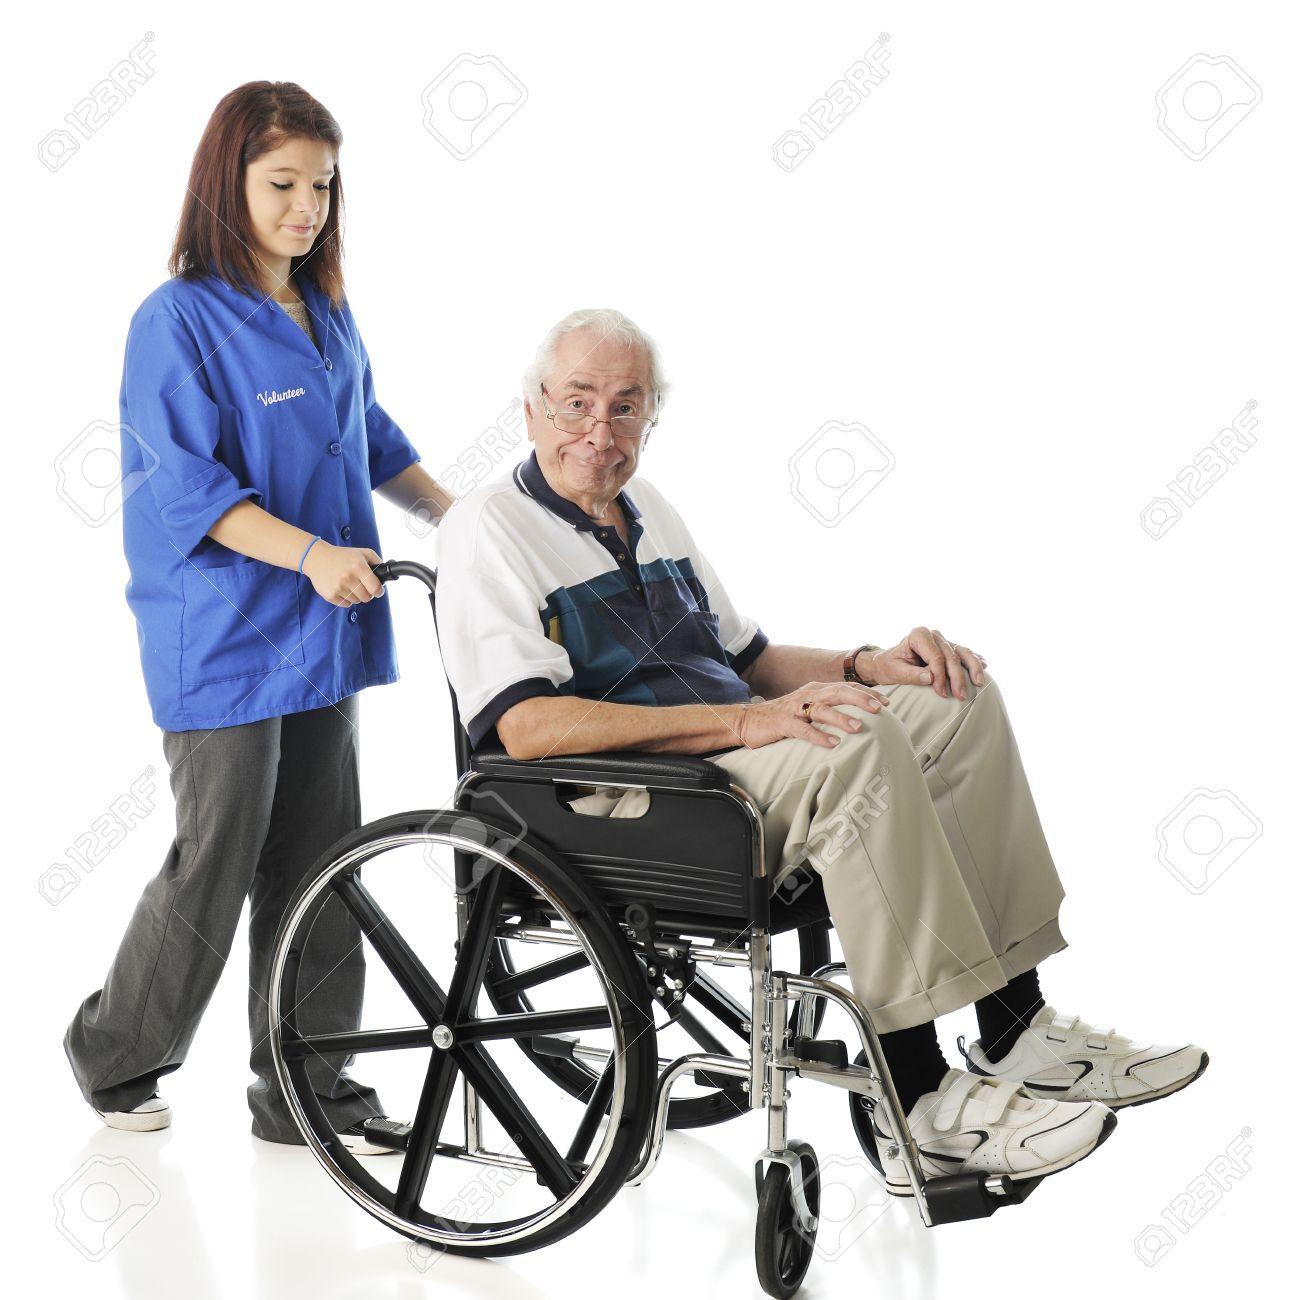 vieil homme sexe avec jeune adolescent